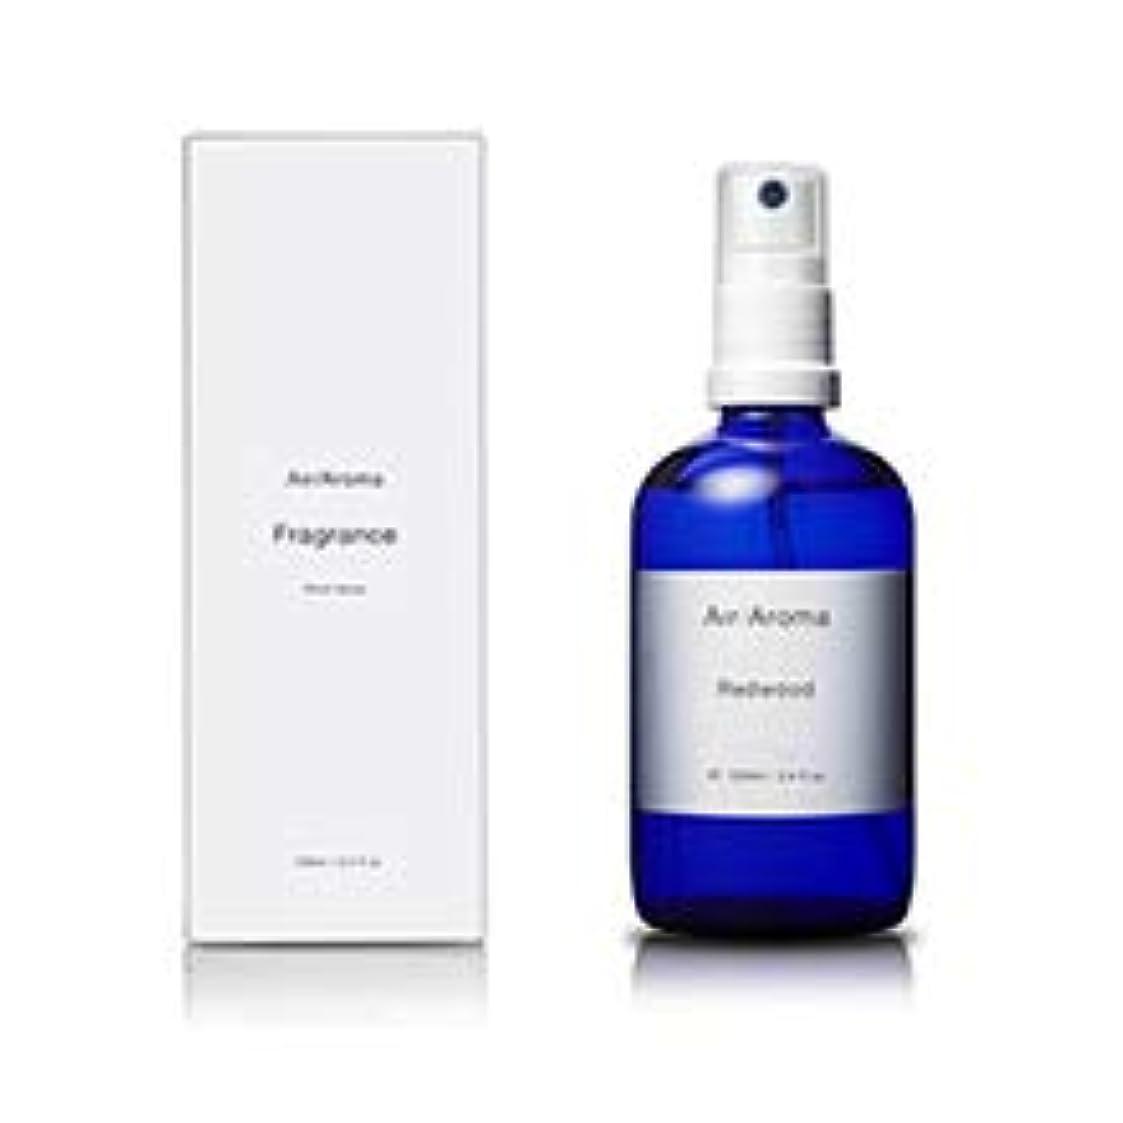 船員マイルド敗北エアアロマ redwood room fragrance (レッドウッド ルームフレグランス) 100ml